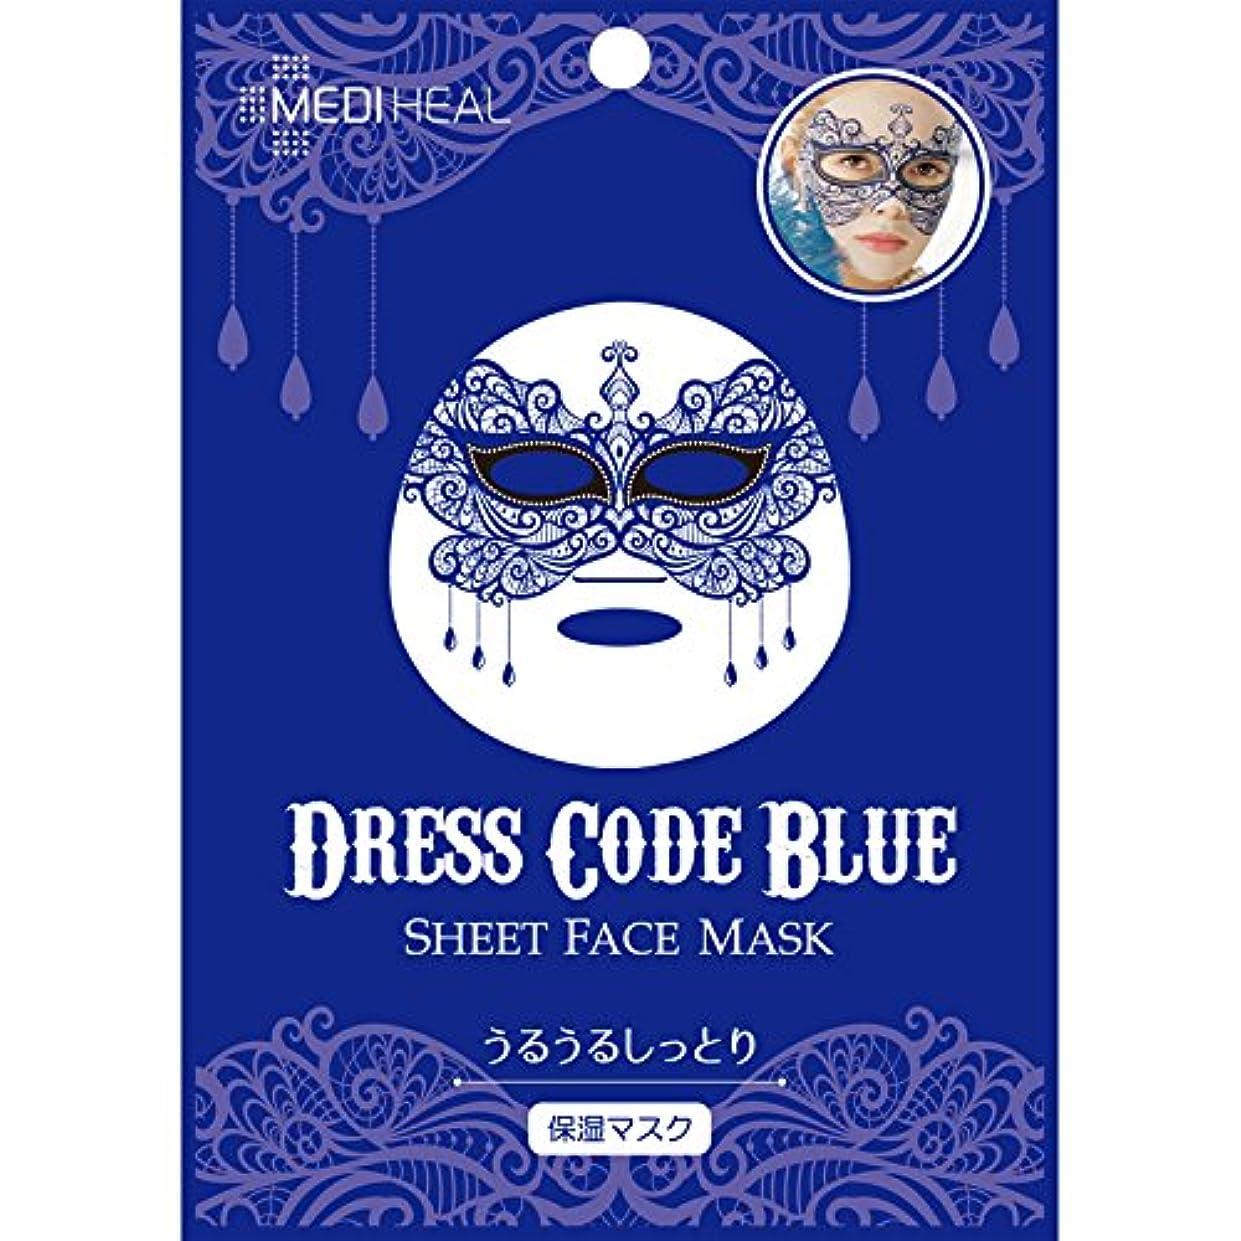 準備した新しさパトロンメディヒル フェイスマスク ドレスコードブルー (27ML/1シート)